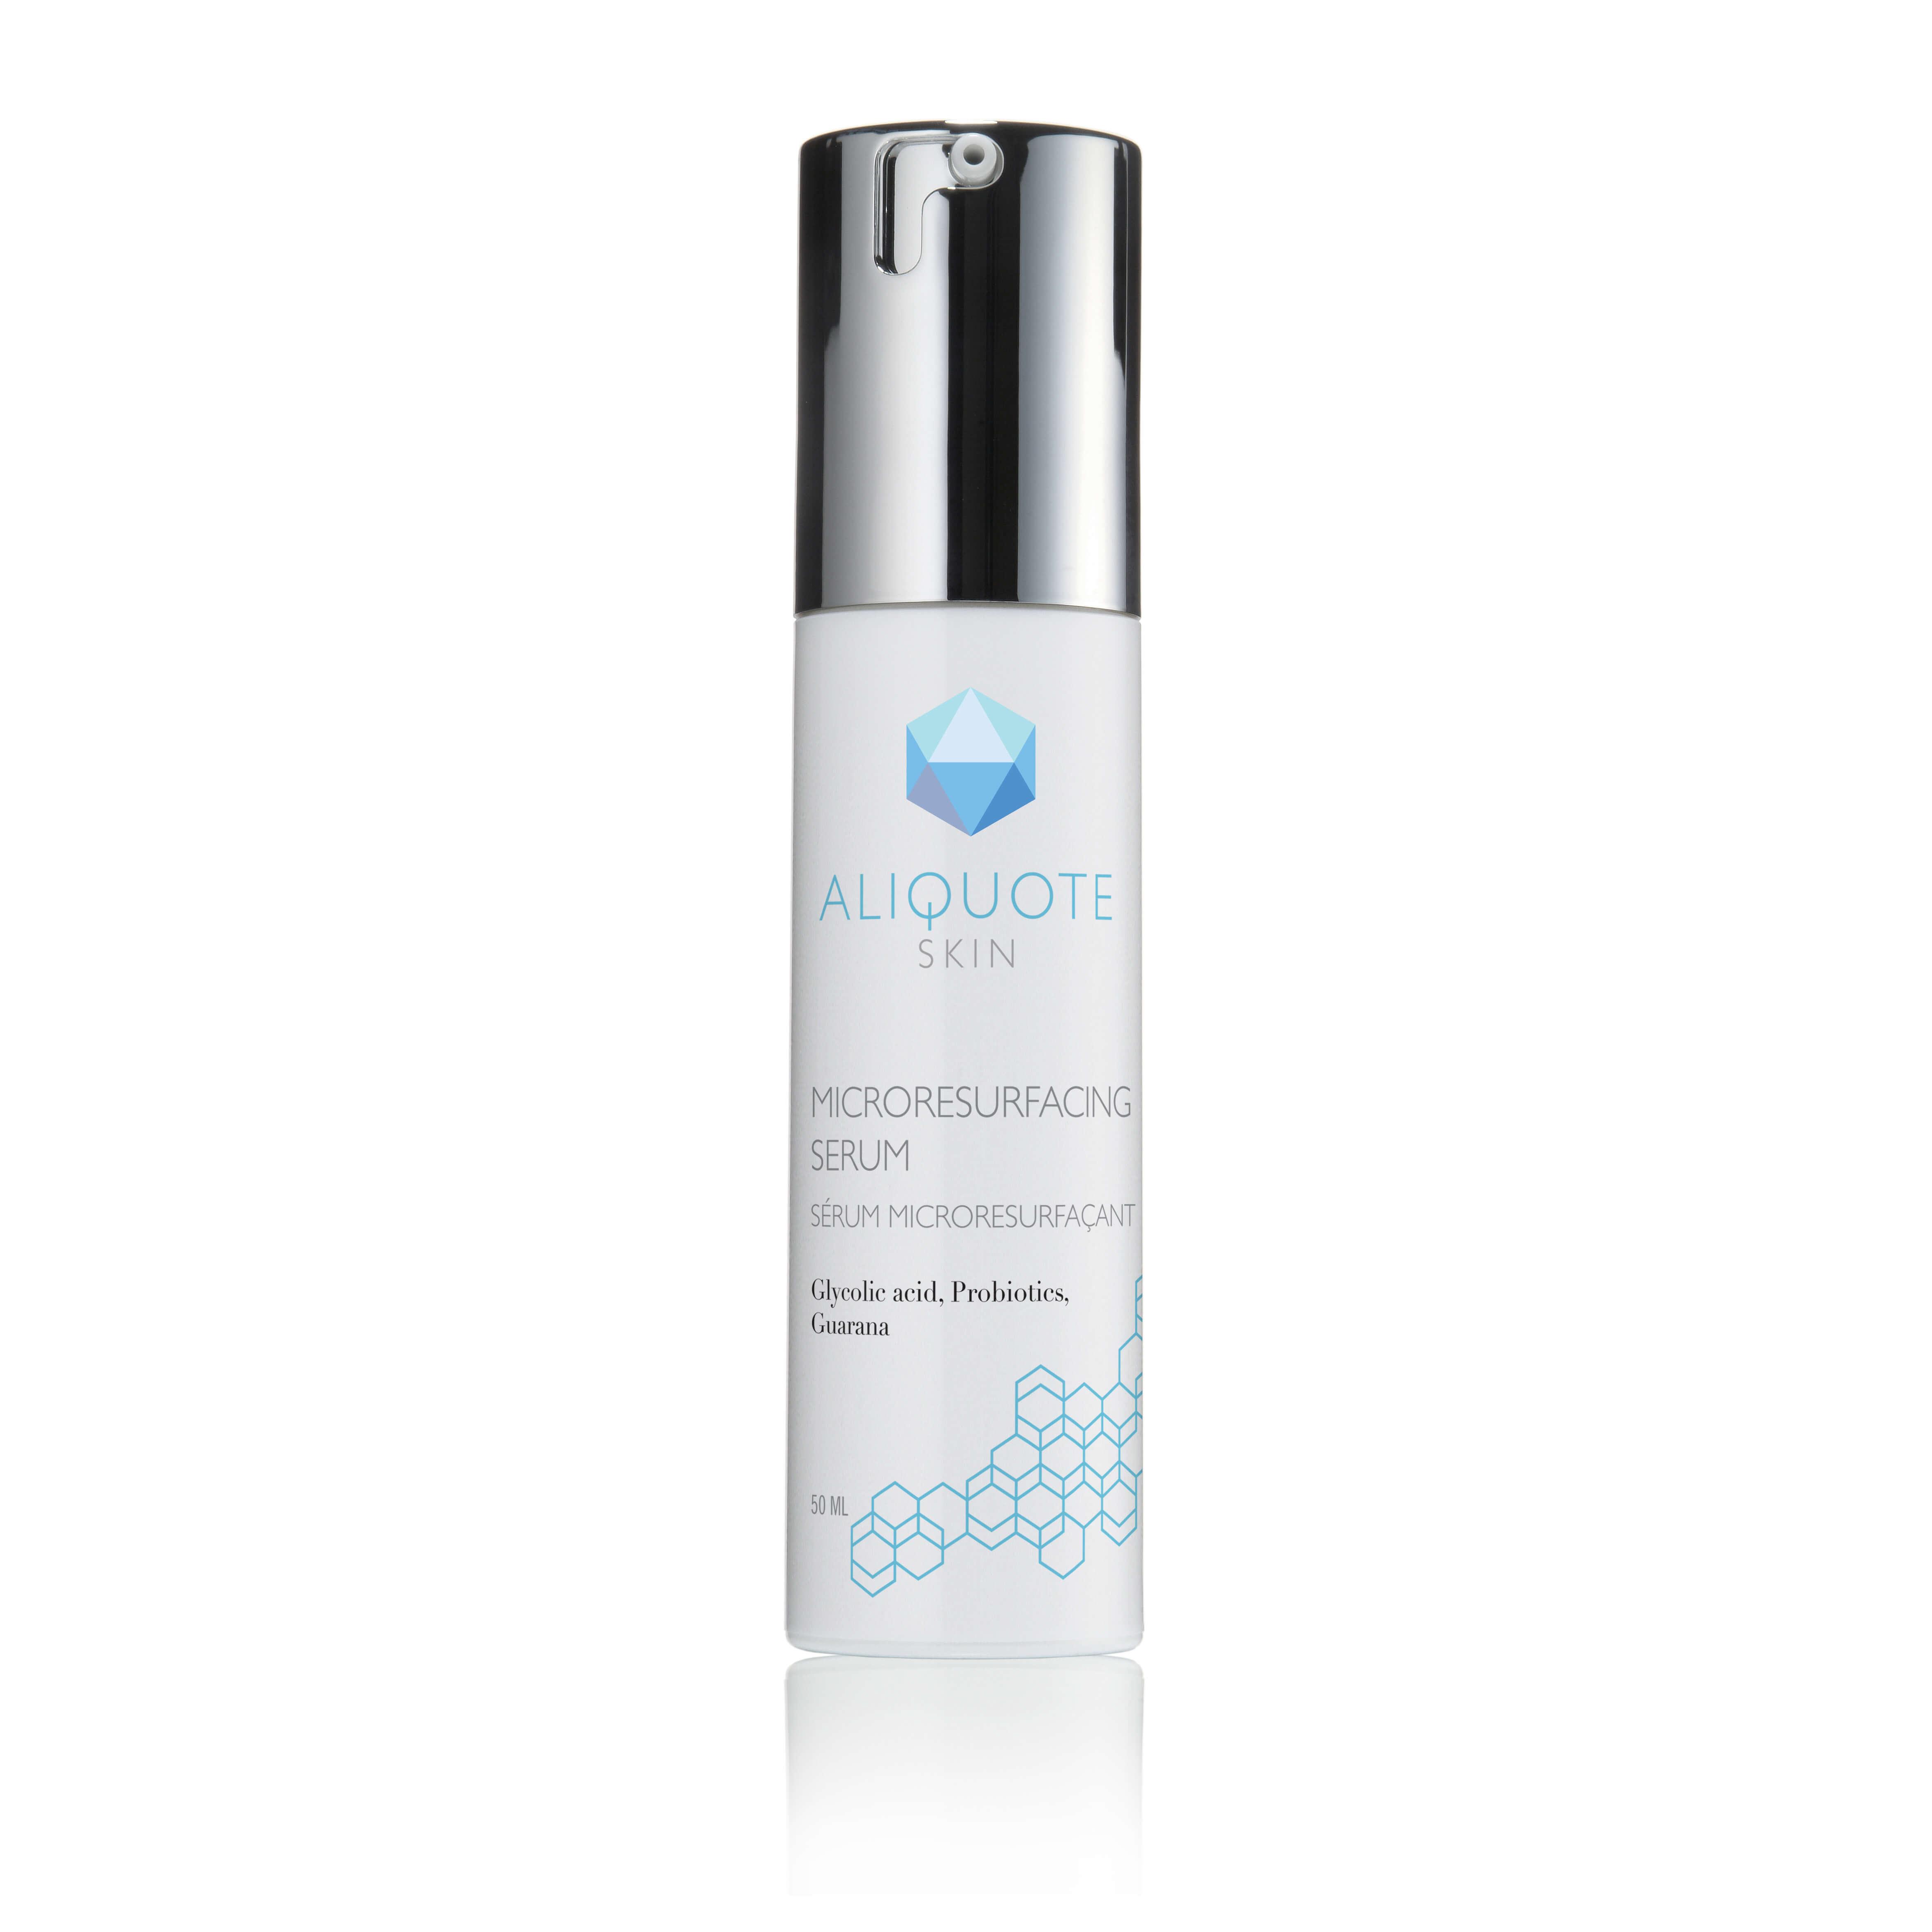 Aliquote Skin MicroResurfacing Serum